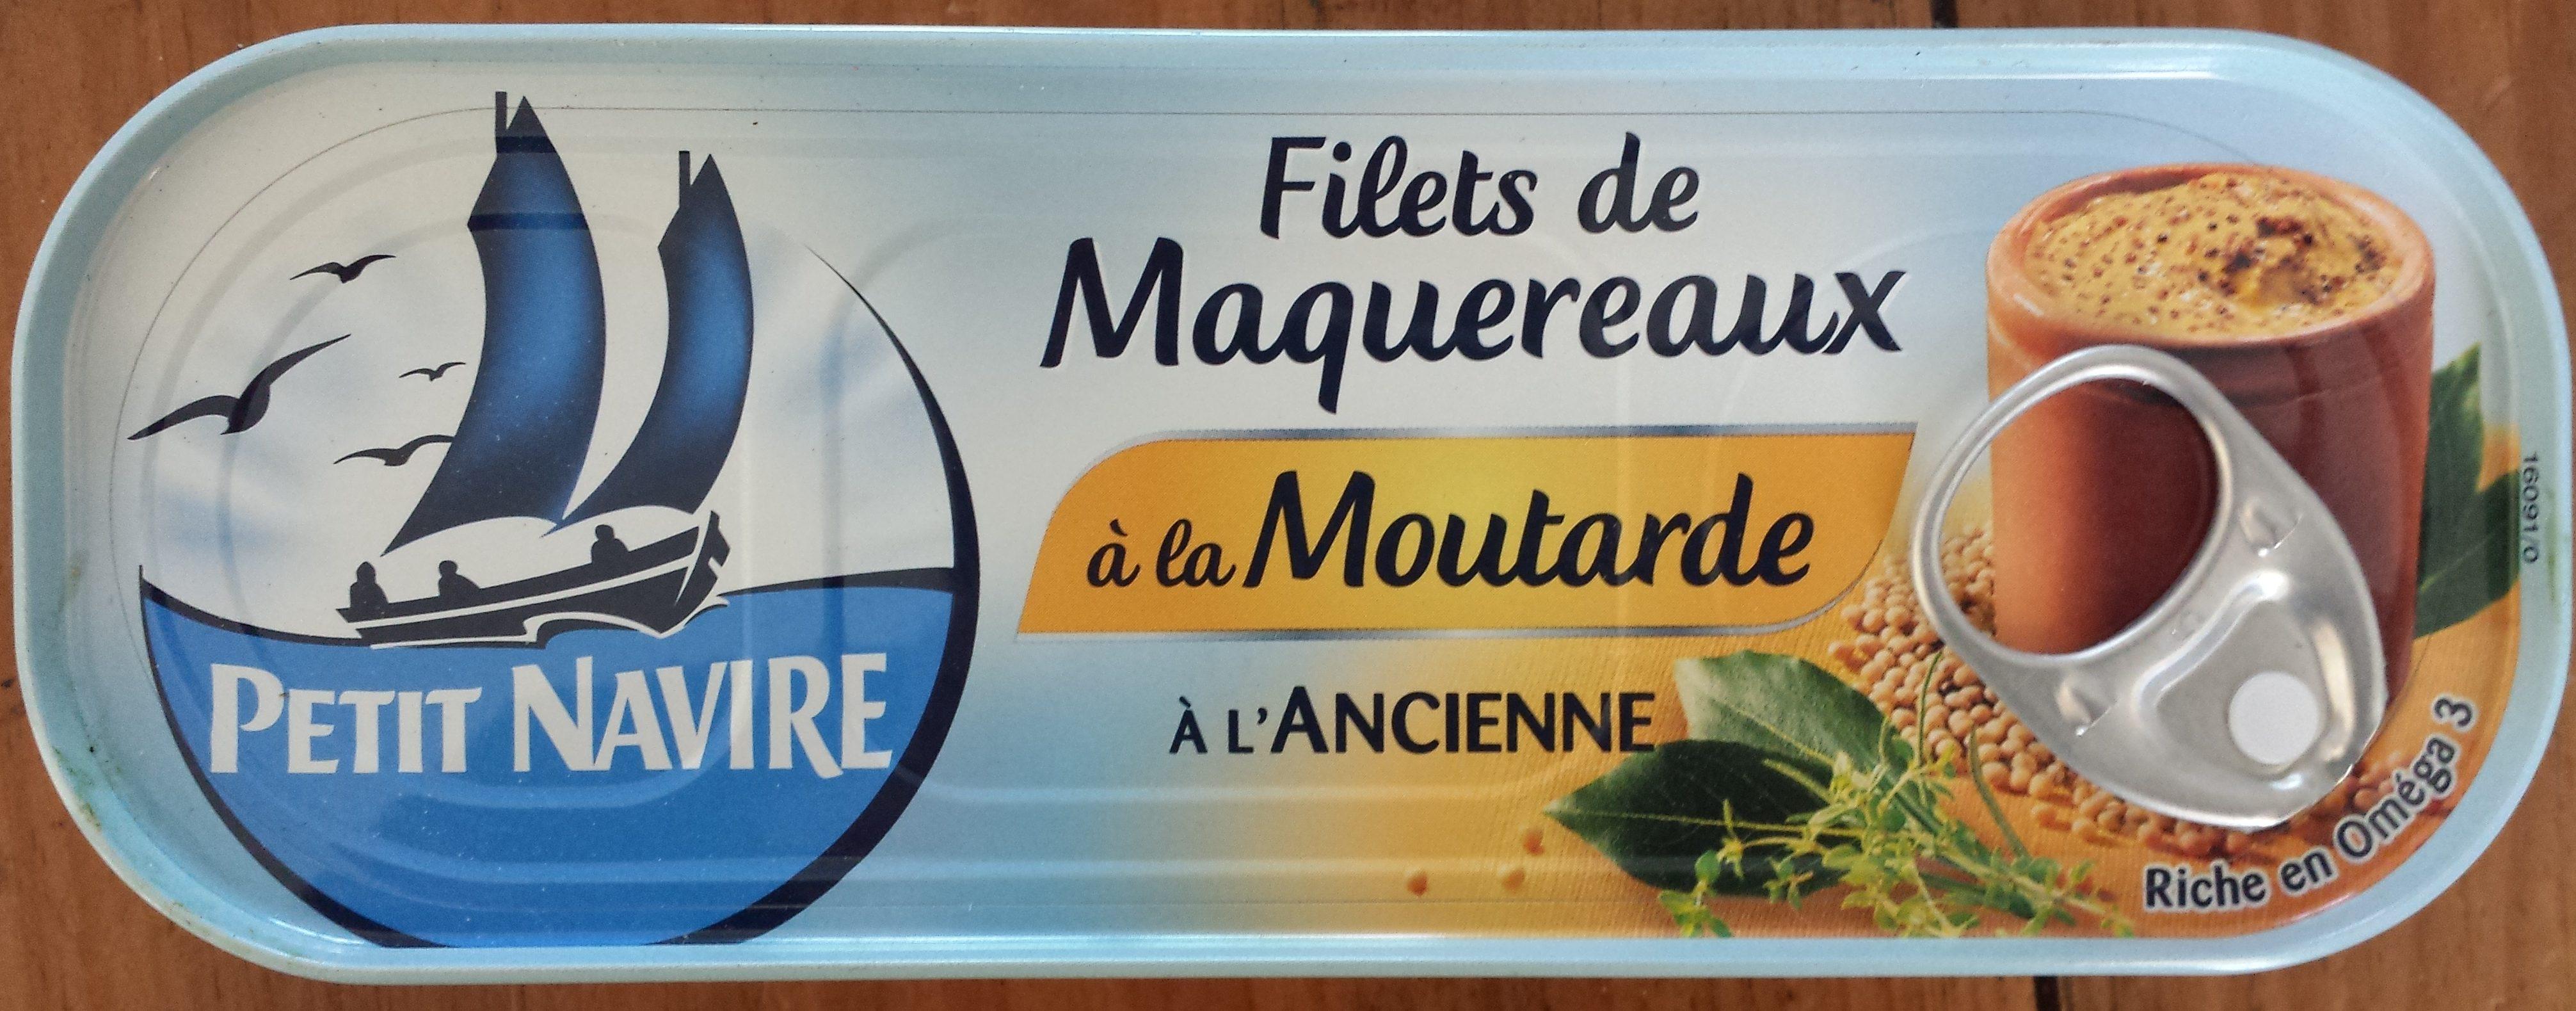 Filets de Maquereaux à la Moutarde à l'Ancienne - 製品 - fr